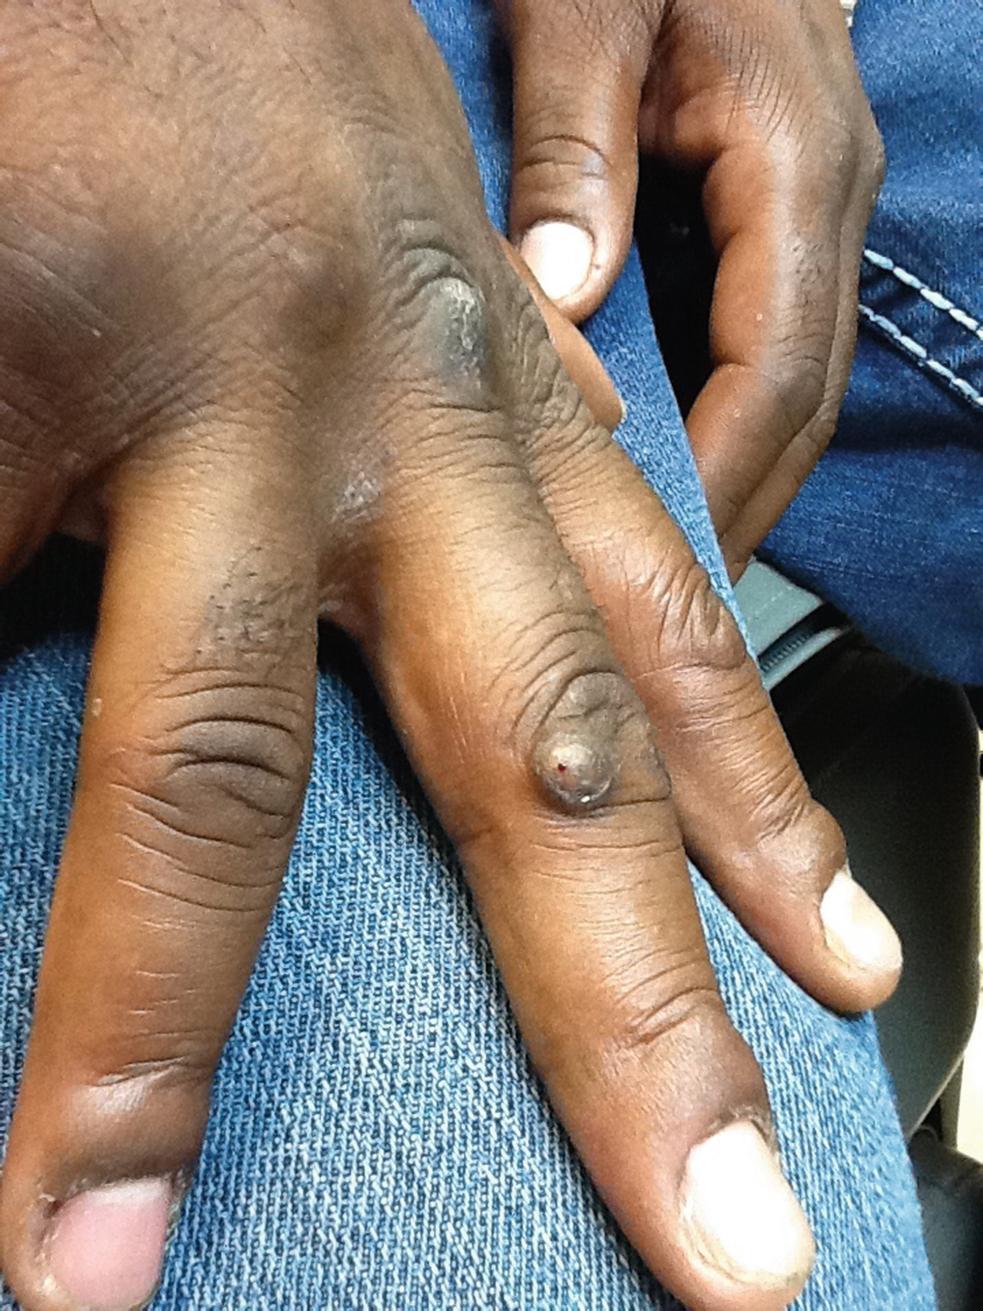 warts on dark skin